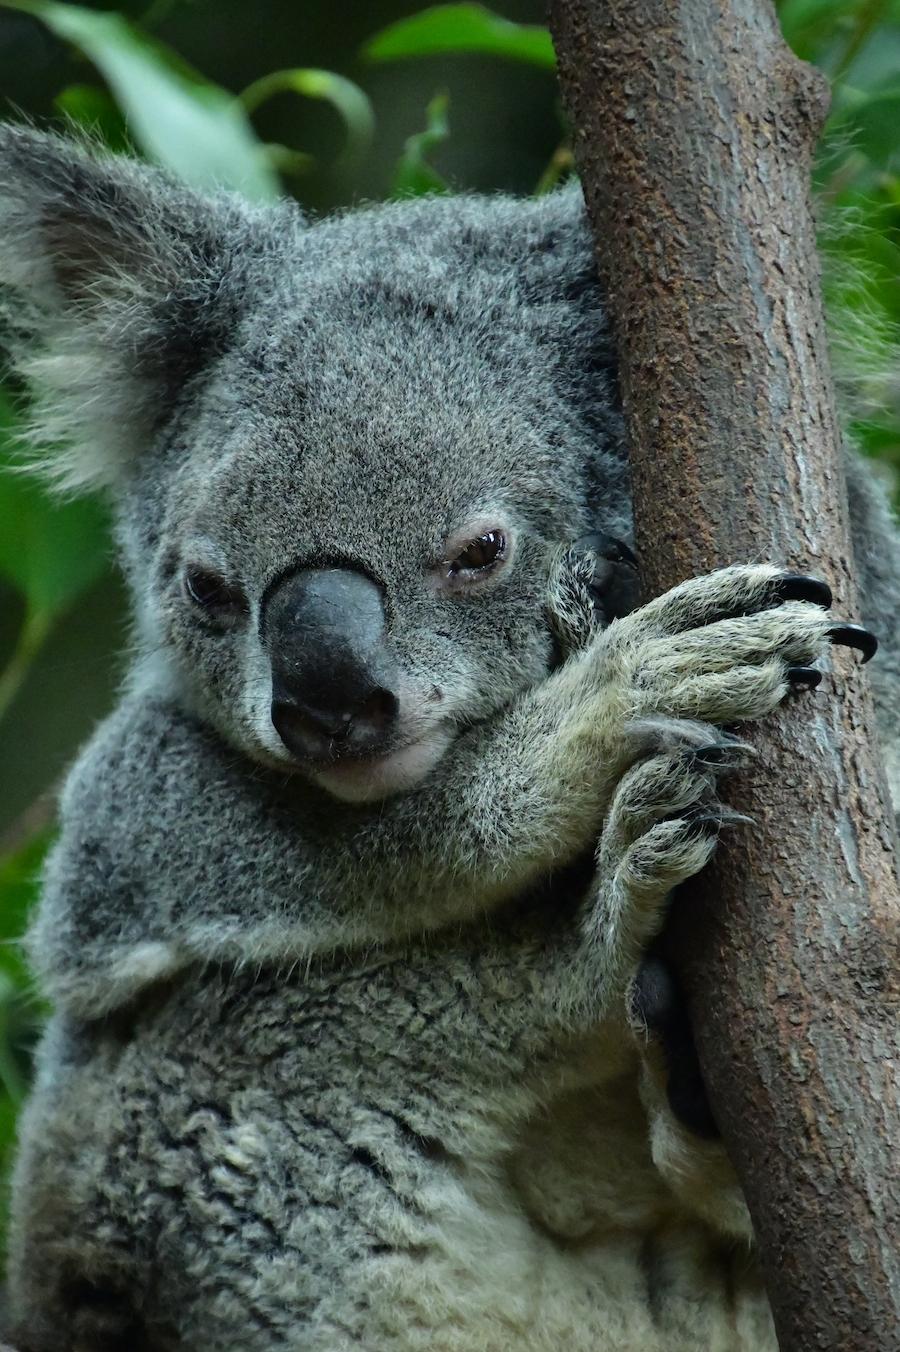 koala_chilling1.jpeg